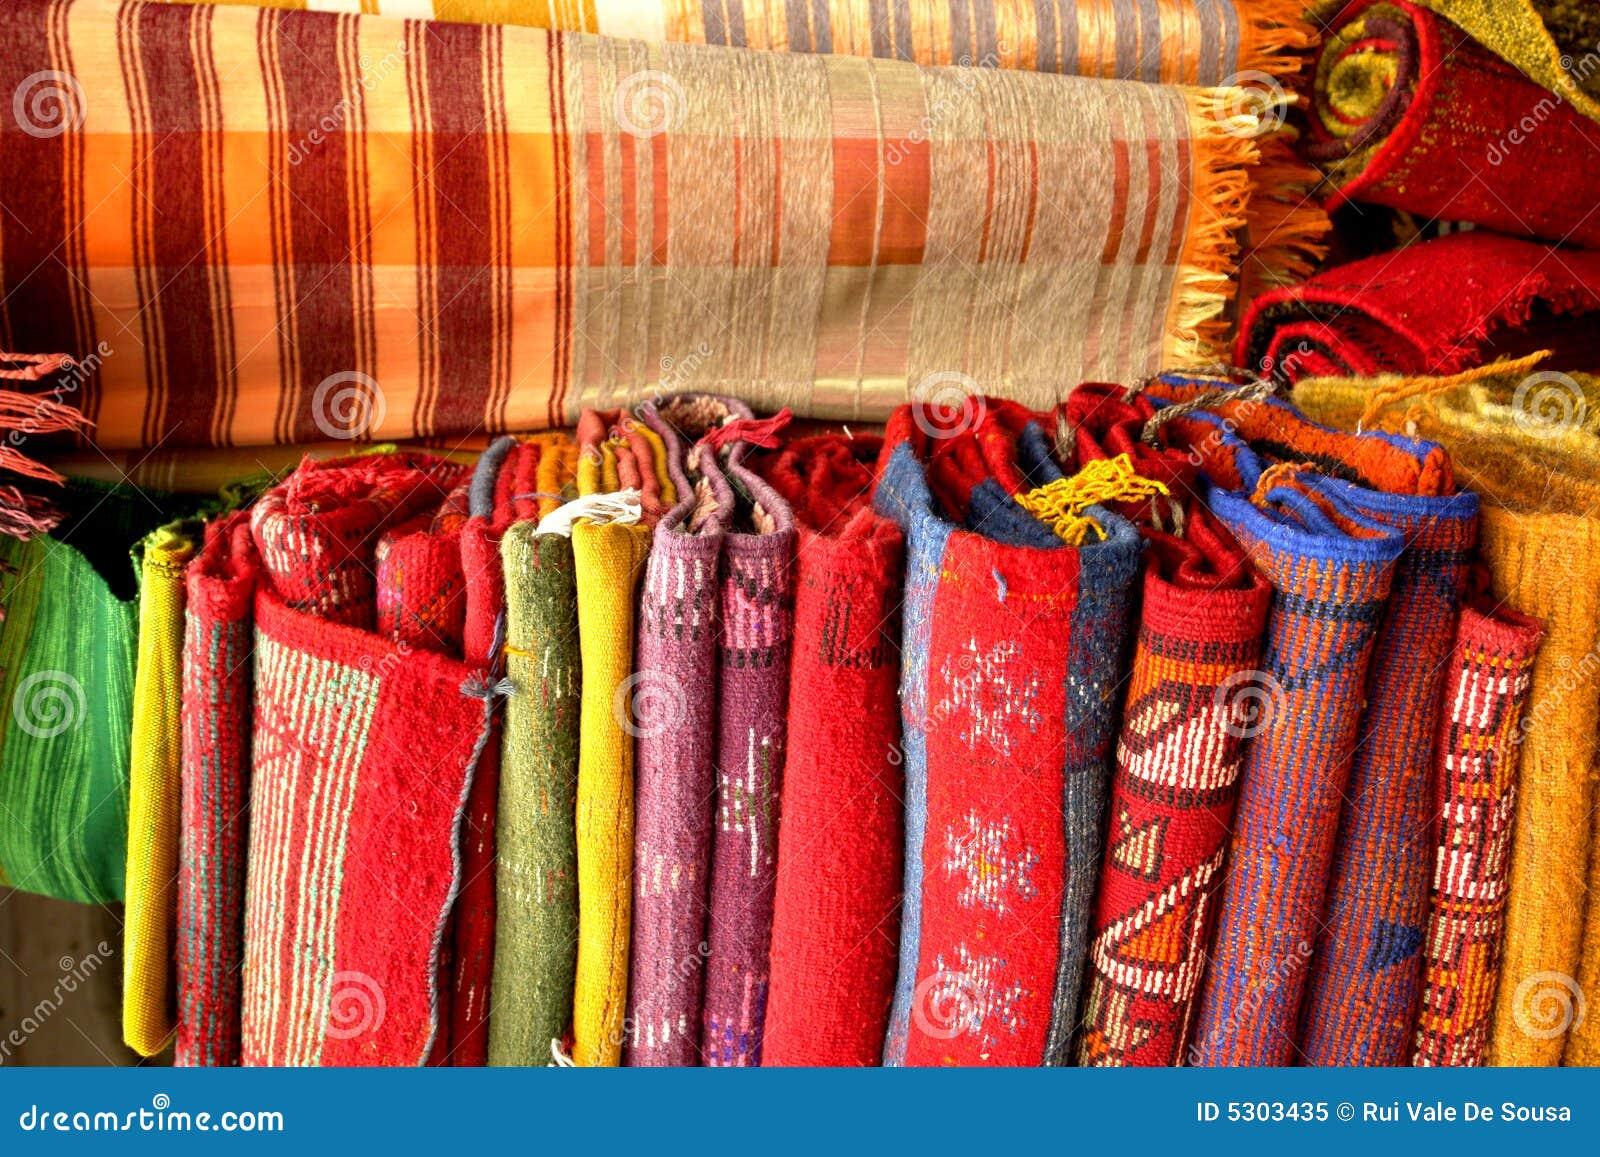 Download Moquette immagine stock. Immagine di moquette, africano - 5303435